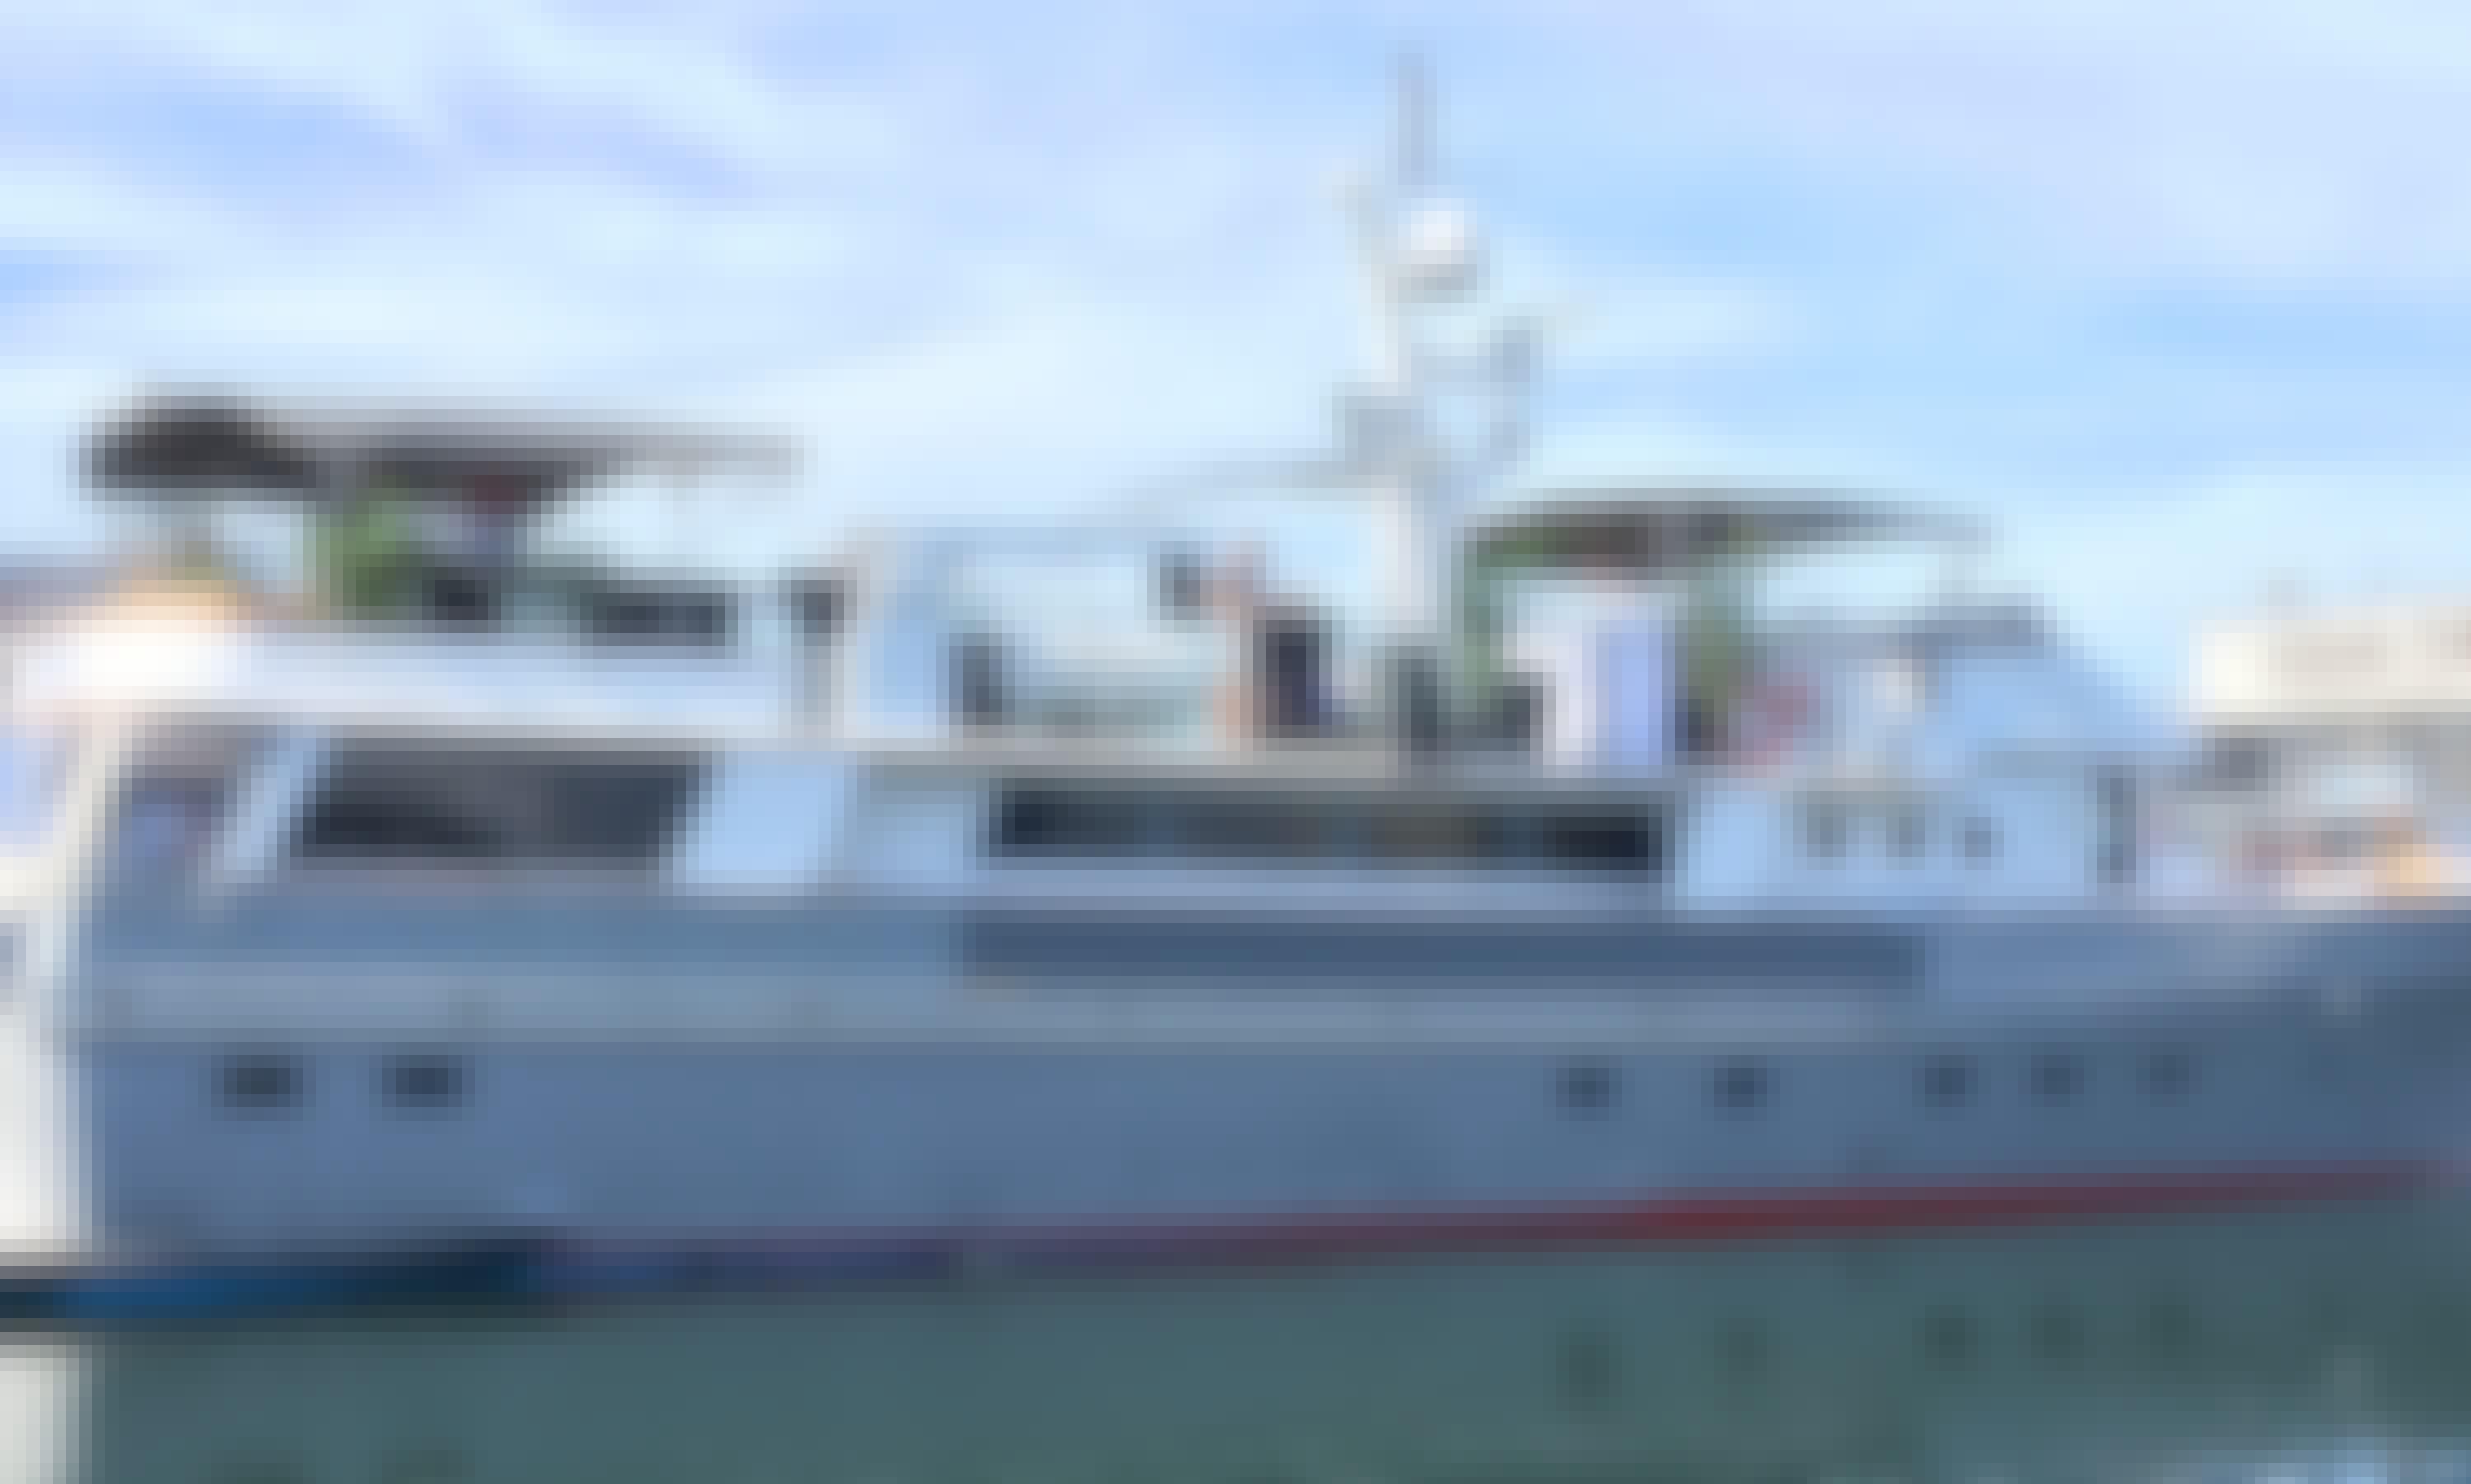 Motor Yacht rental in Helsinki